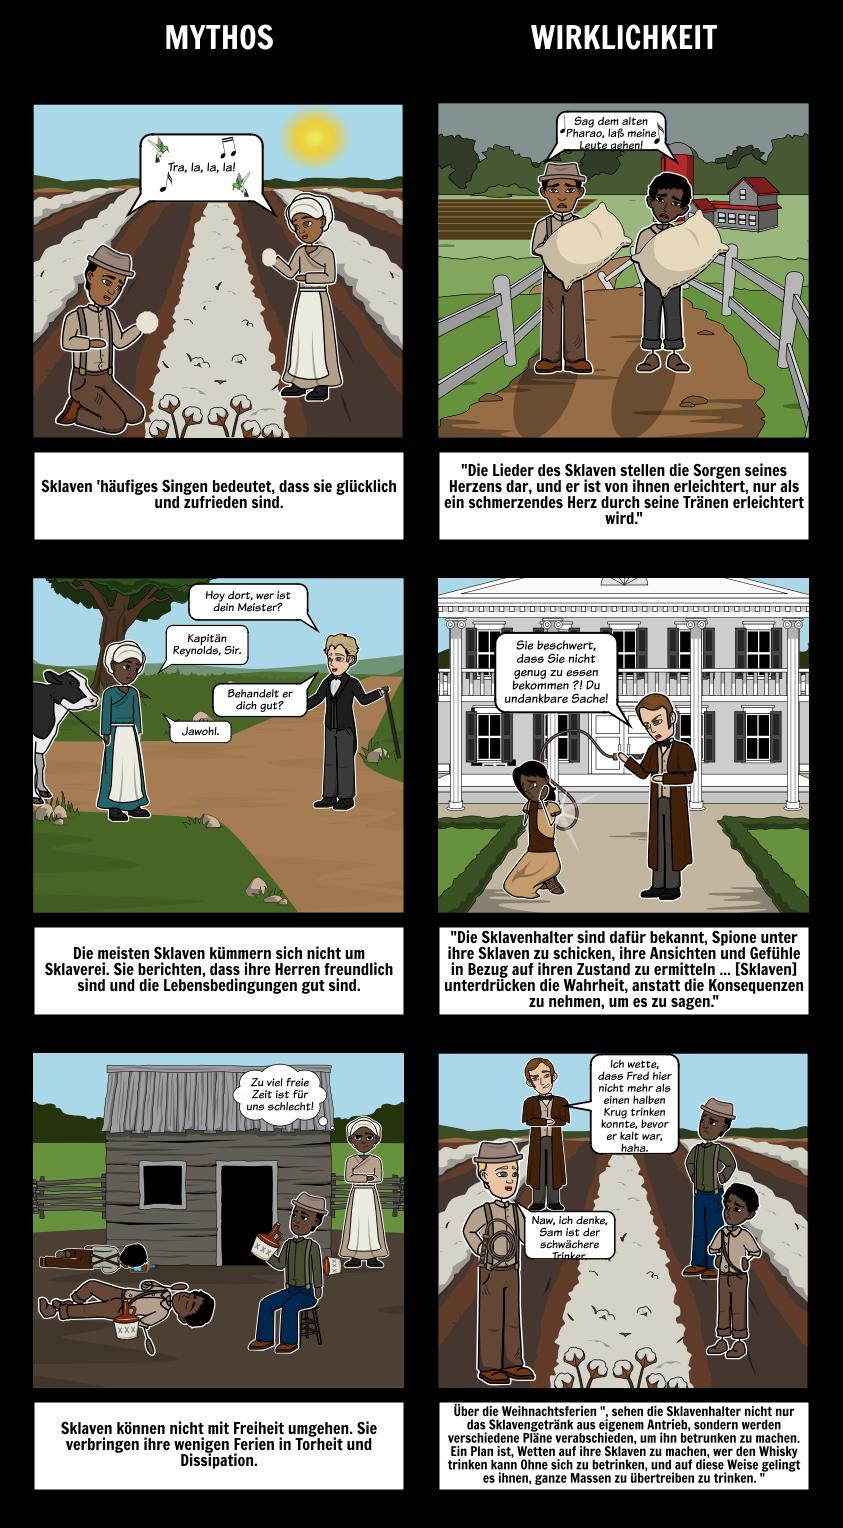 Eine Erzählung vom Leben von Frederick Douglass Mythbusters